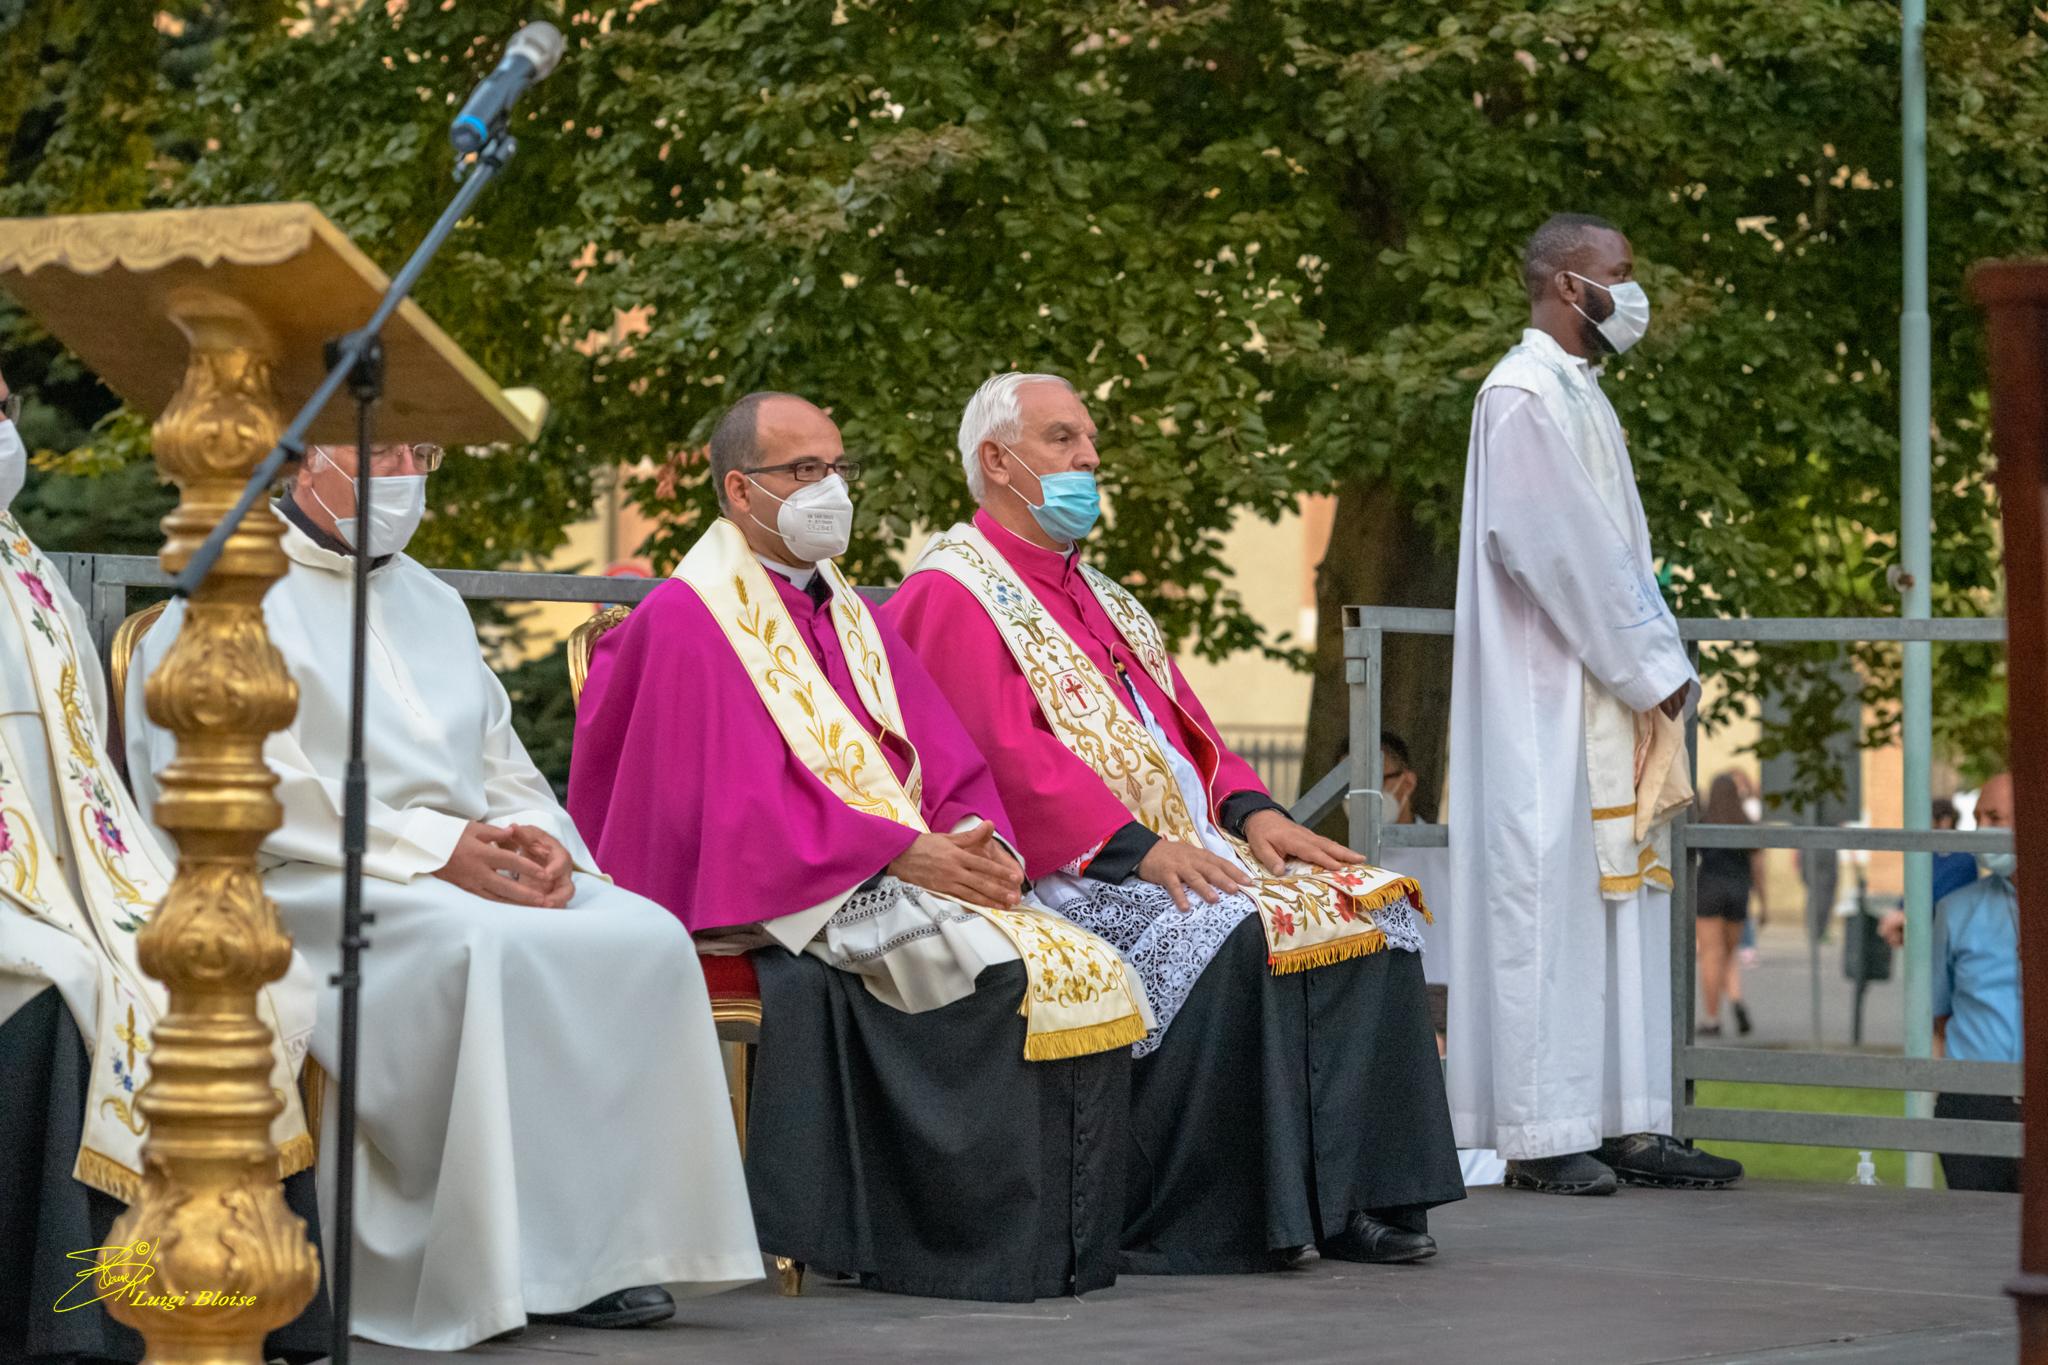 29-agosto-2021-Viola-17-e-processione-MdG-–-FOTO_mdg_-289